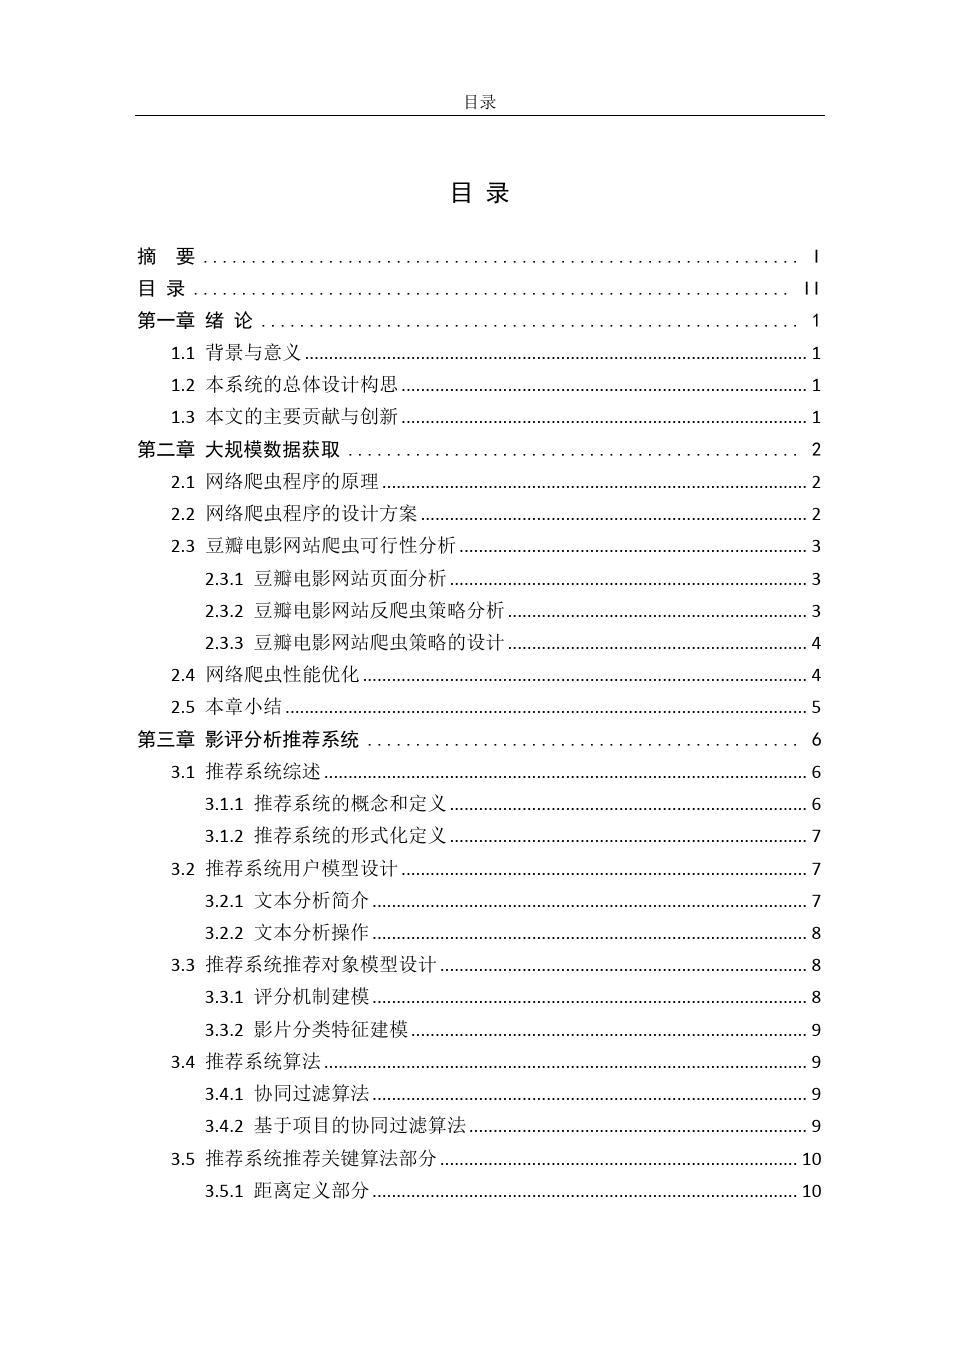 电子科技大学 计算机学院 综合课程设计 报告